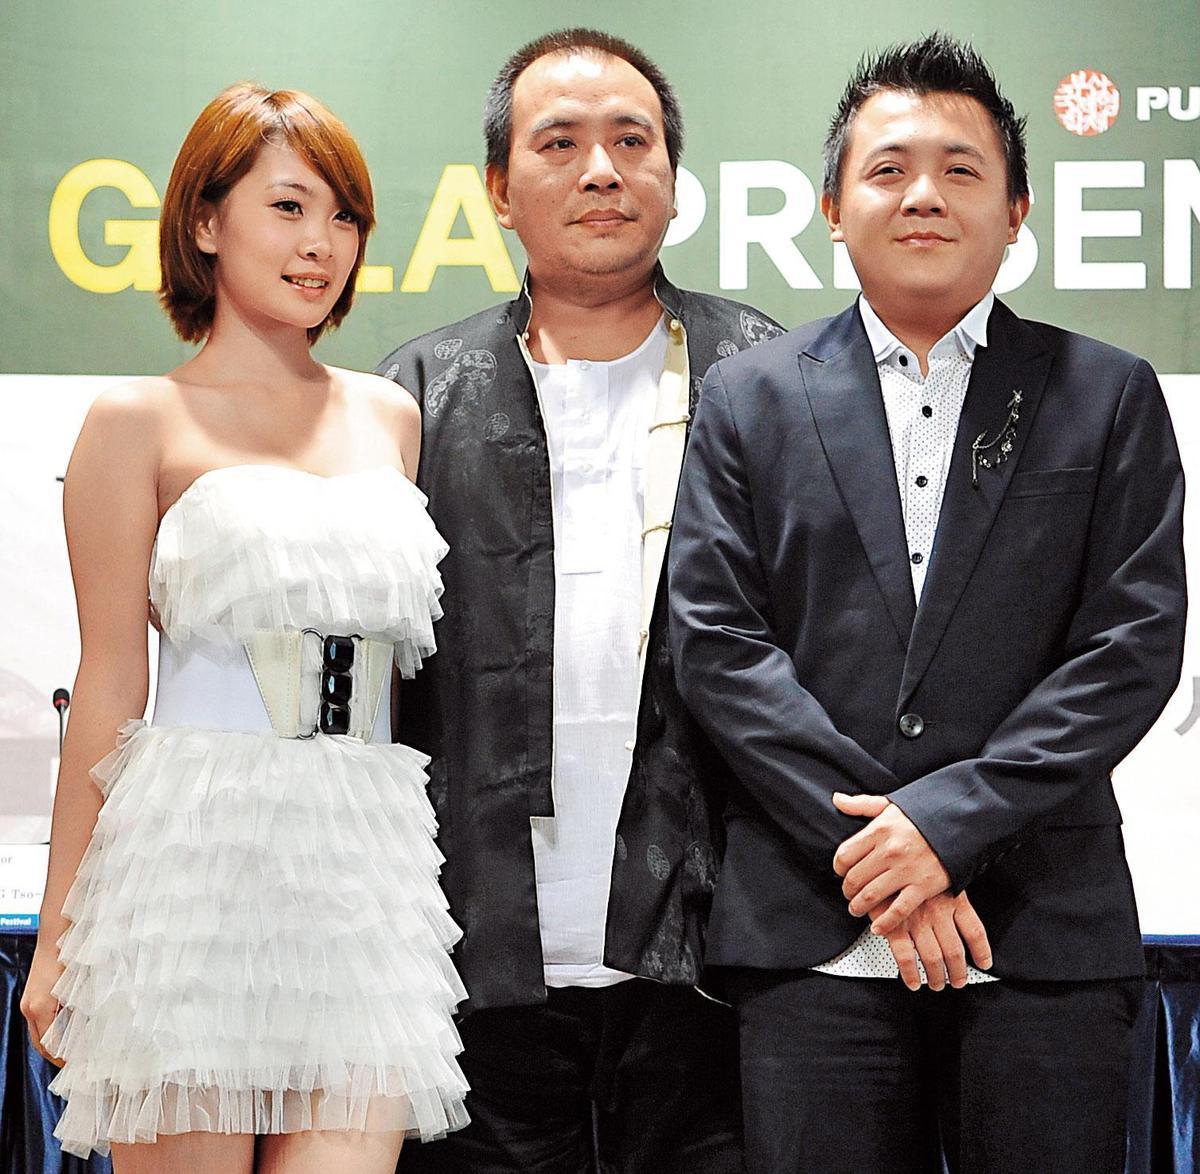 2010年,導演張作驥(中)與高盟傑(右)再度合作電影《當愛來的時候》。(東方IC)